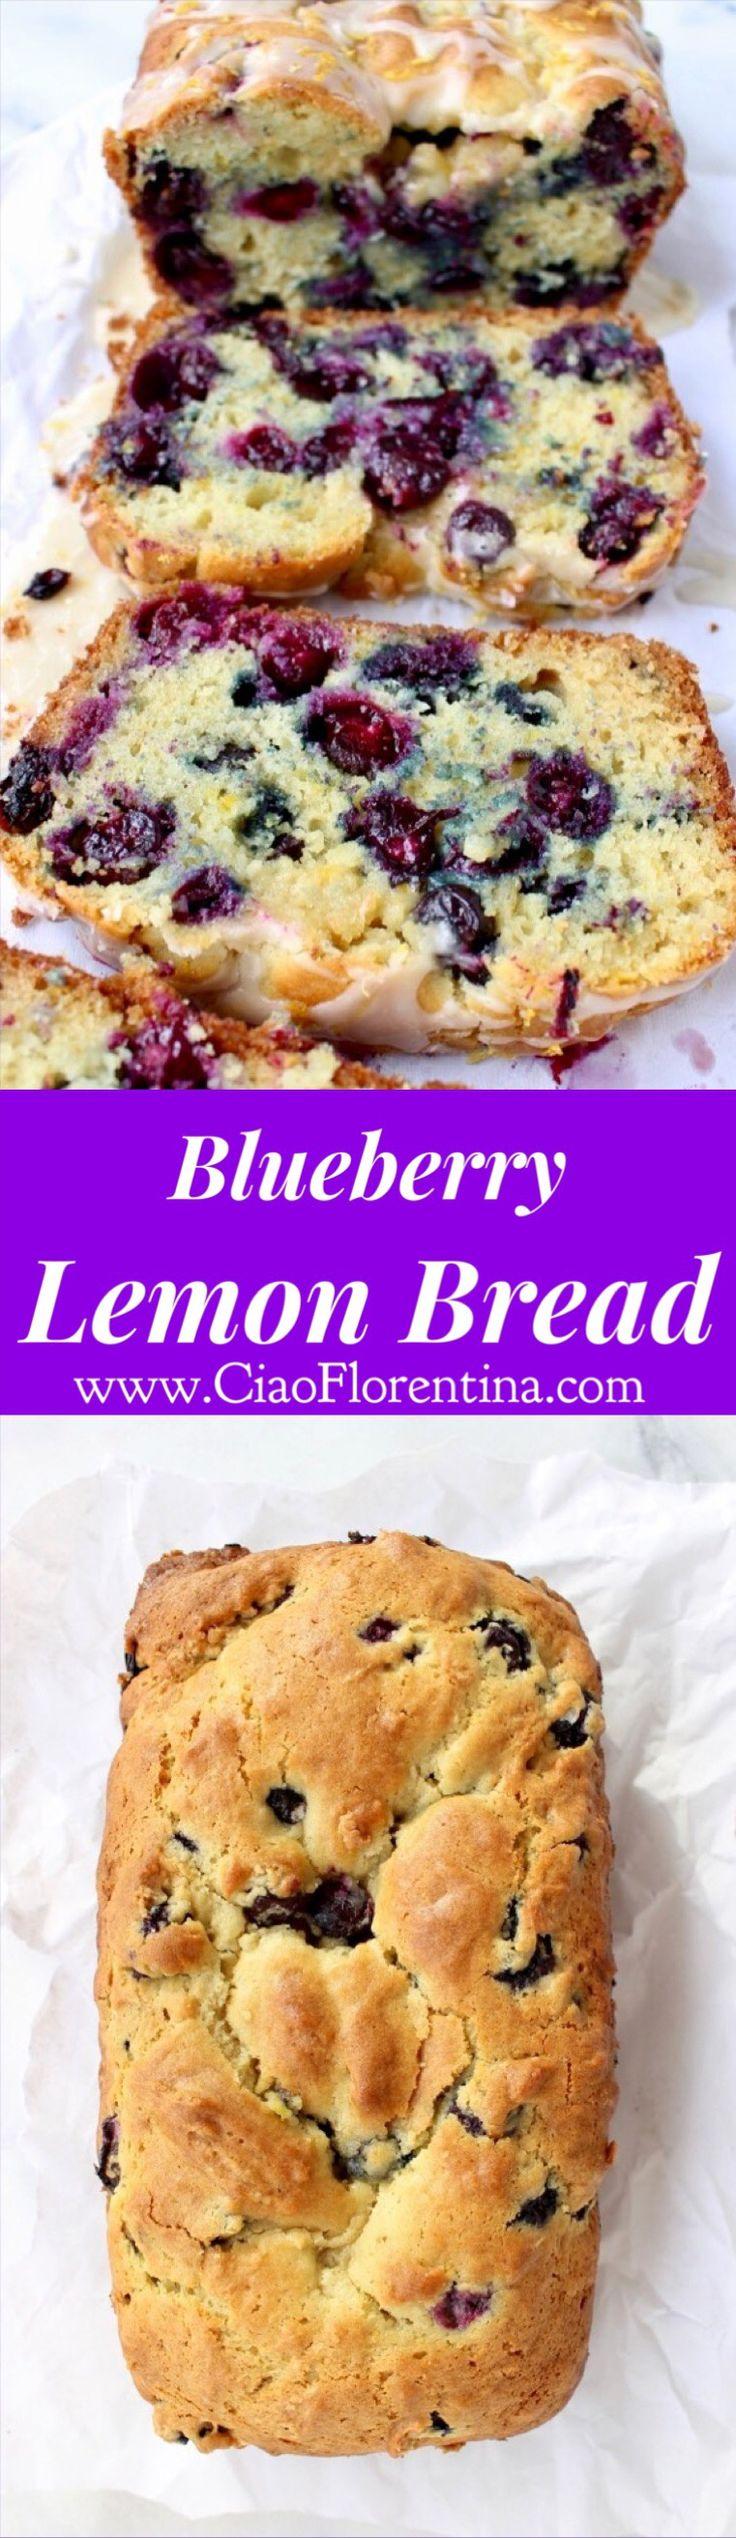 Blueberry Lemon Bread | CiaoFlorentina.com @CiaoFlorentina